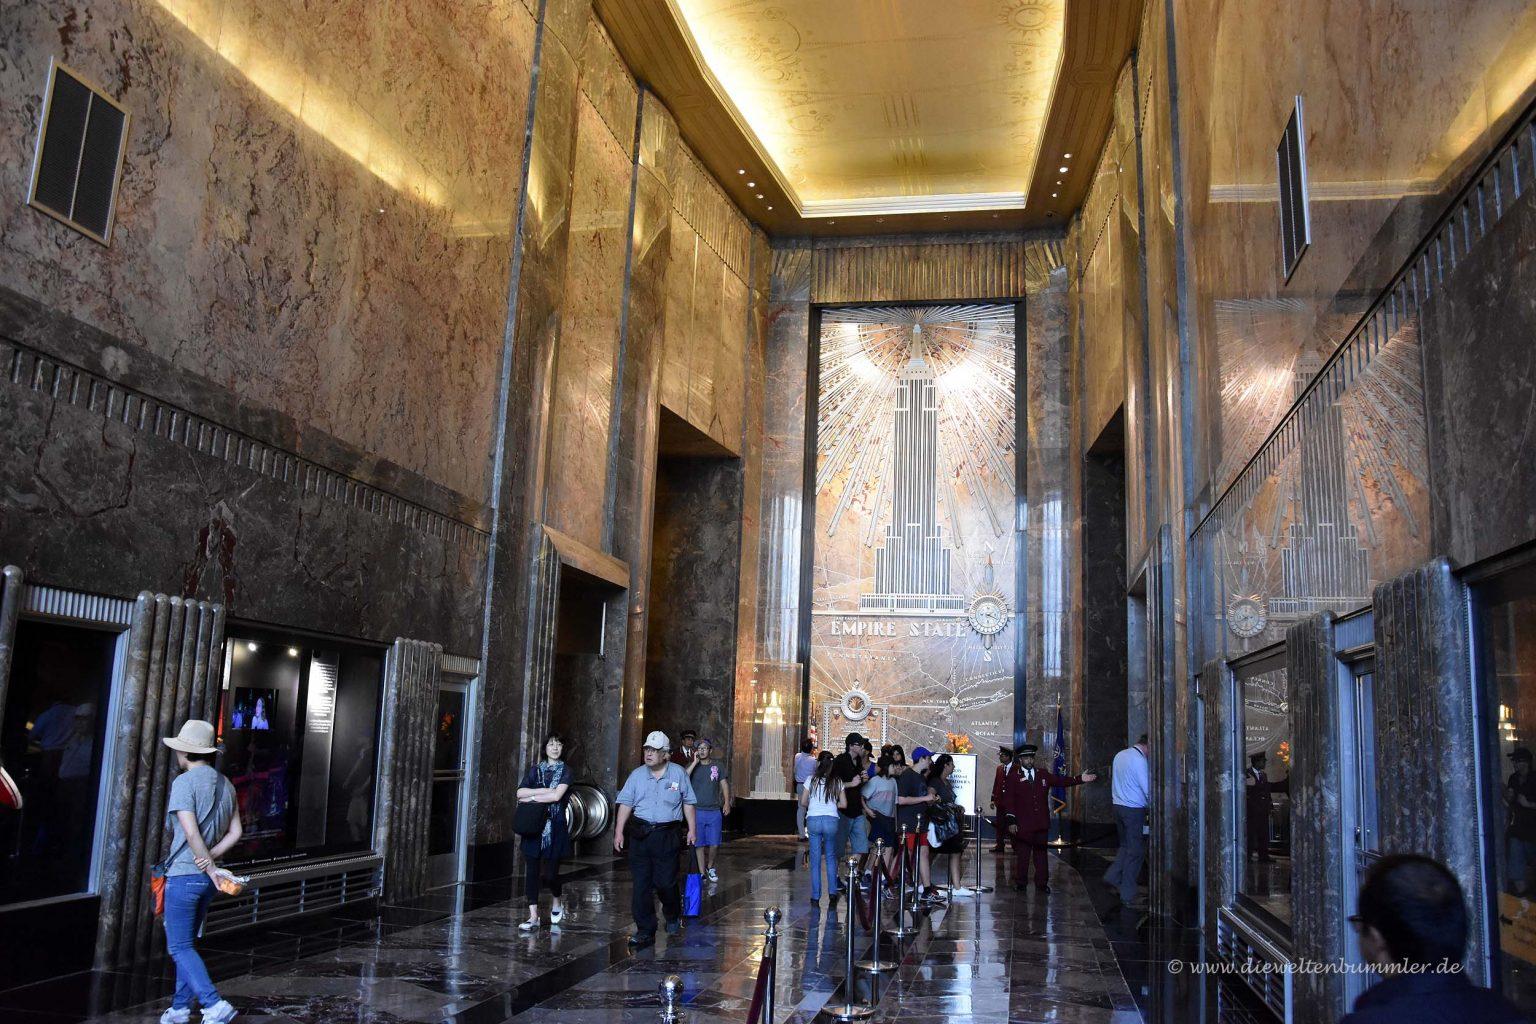 Lobby vom Empire State Building